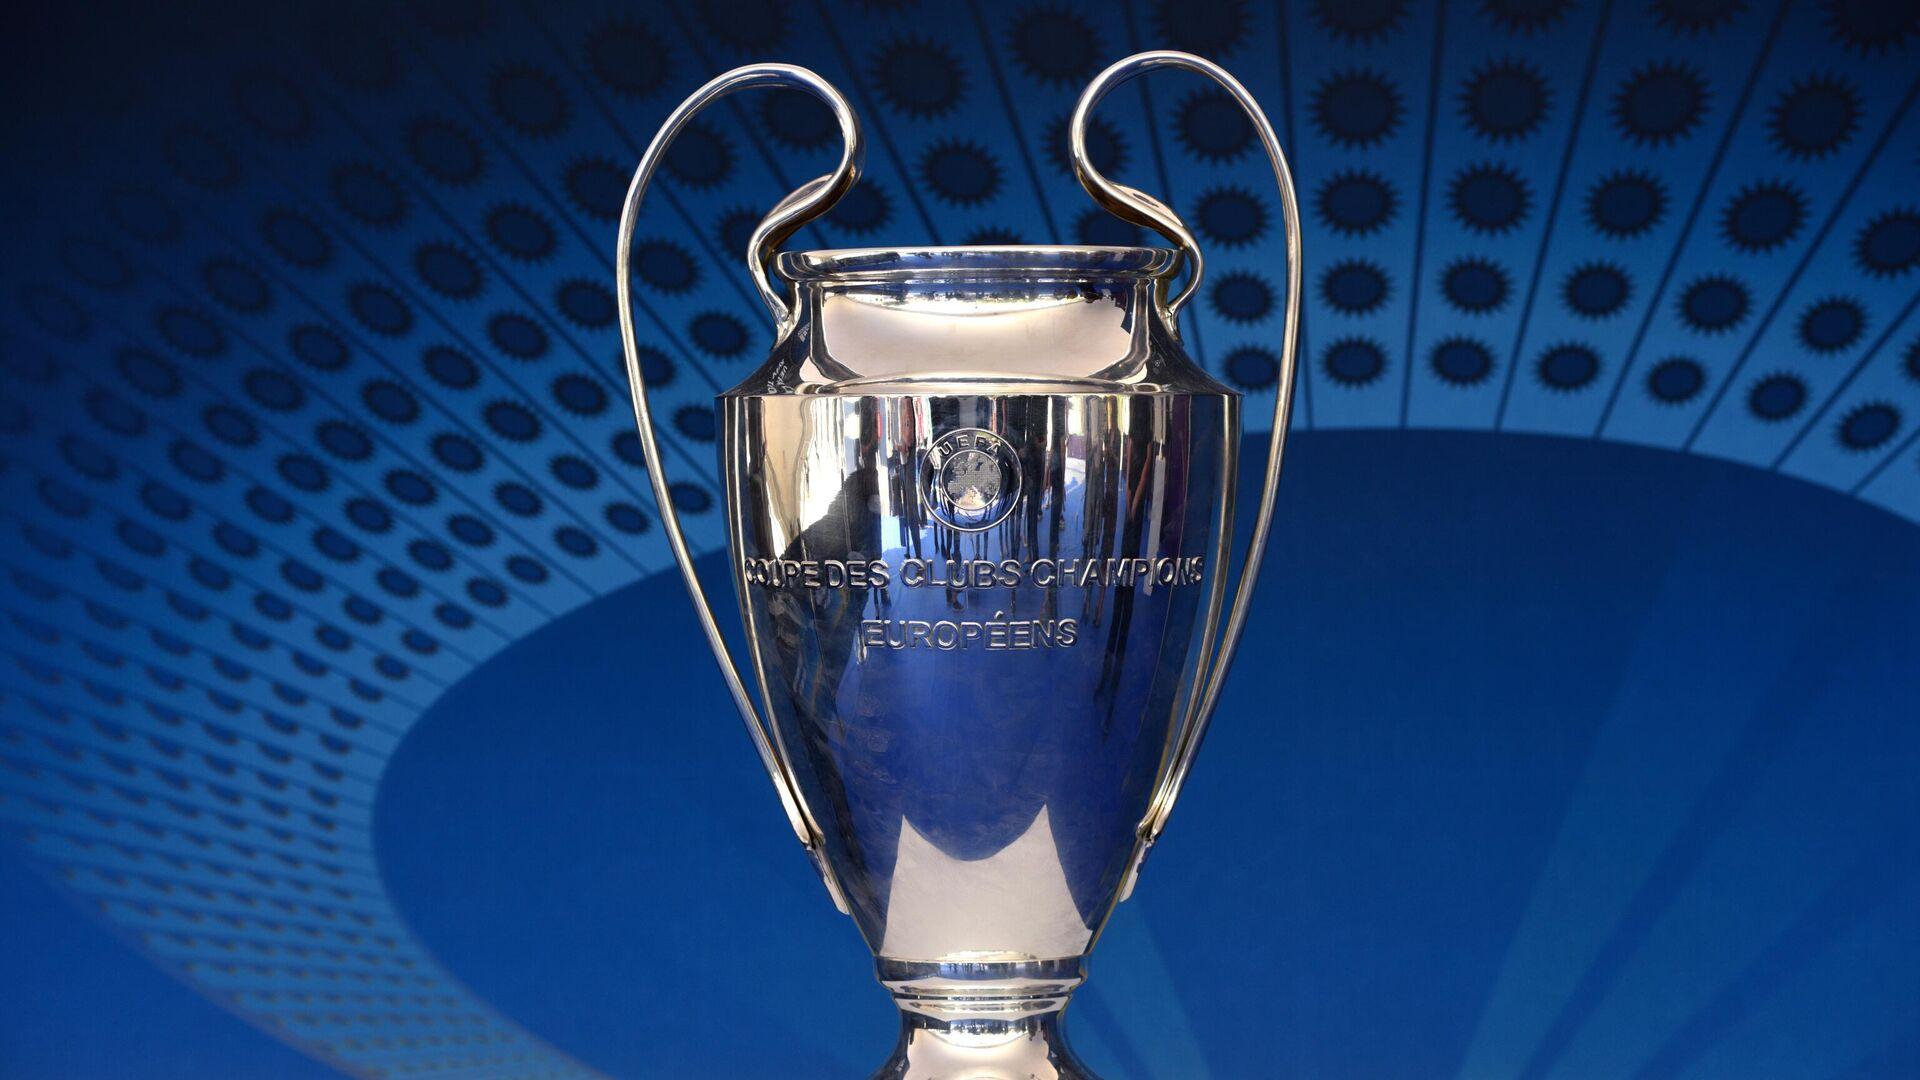 Το τρόπαιο του Champions League στο Κίεβο - Sputnik Ελλάδα, 1920, 29.05.2021